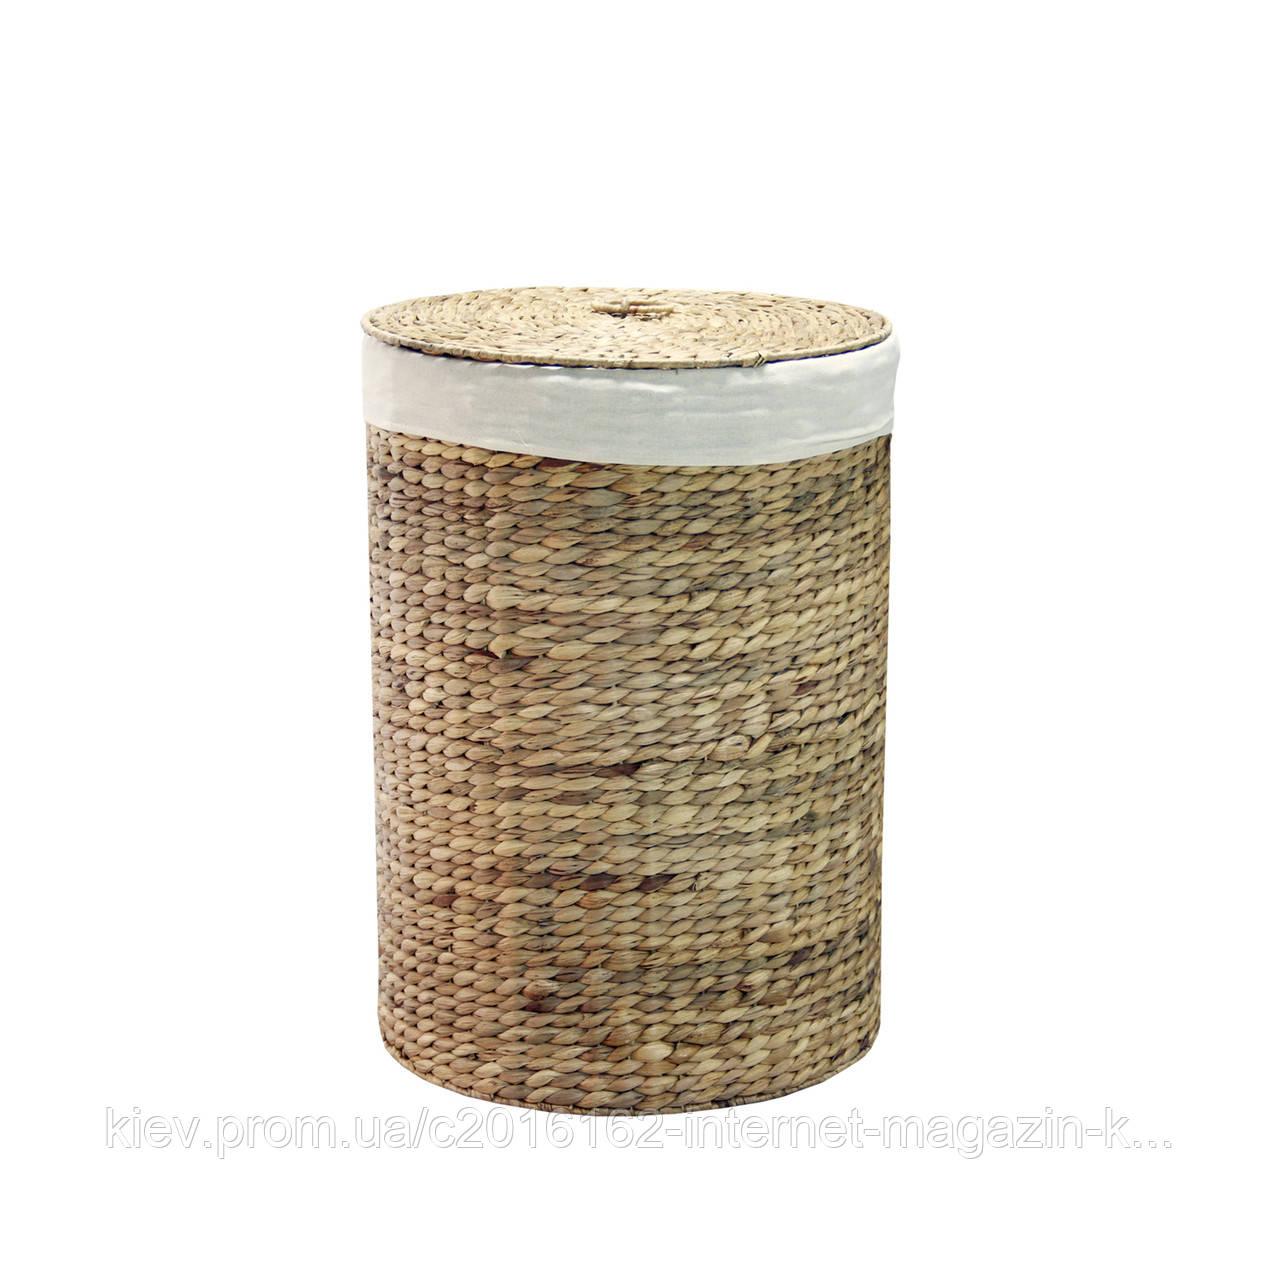 Корзина для белья плетеная с крышкой Home4You MAYA-3  D33xH47cm  natural